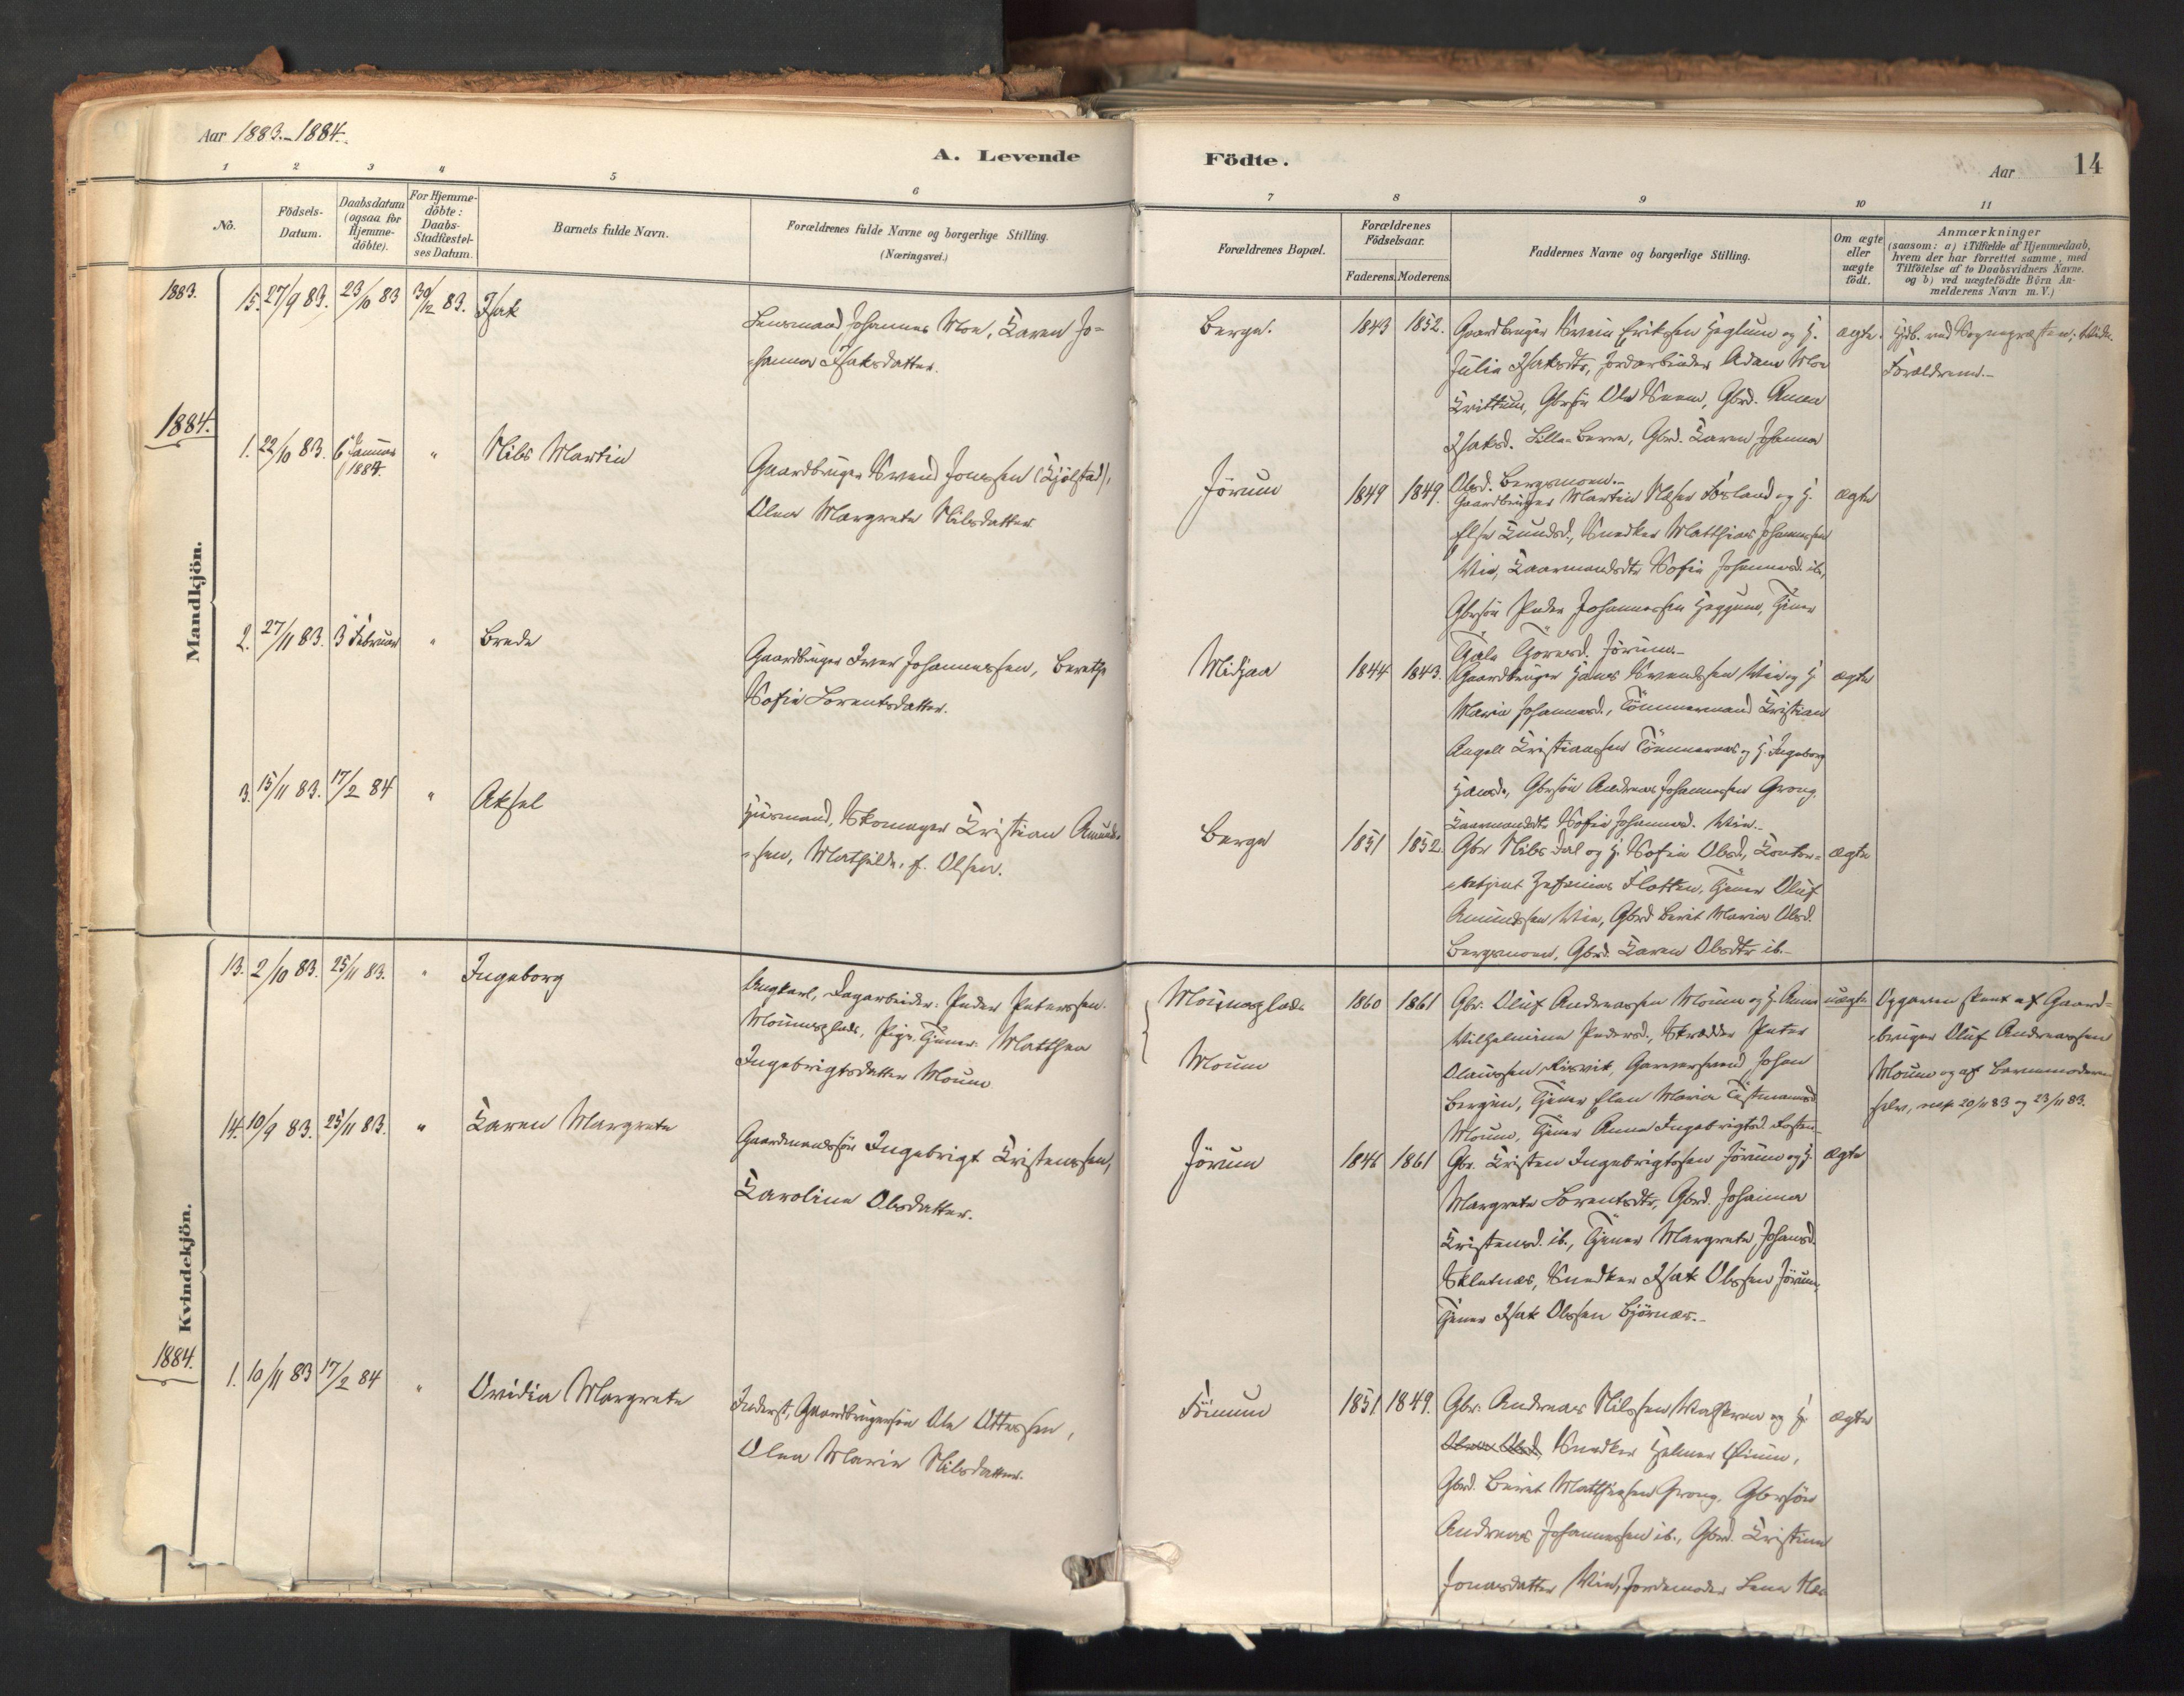 SAT, Ministerialprotokoller, klokkerbøker og fødselsregistre - Nord-Trøndelag, 758/L0519: Ministerialbok nr. 758A04, 1880-1926, s. 14